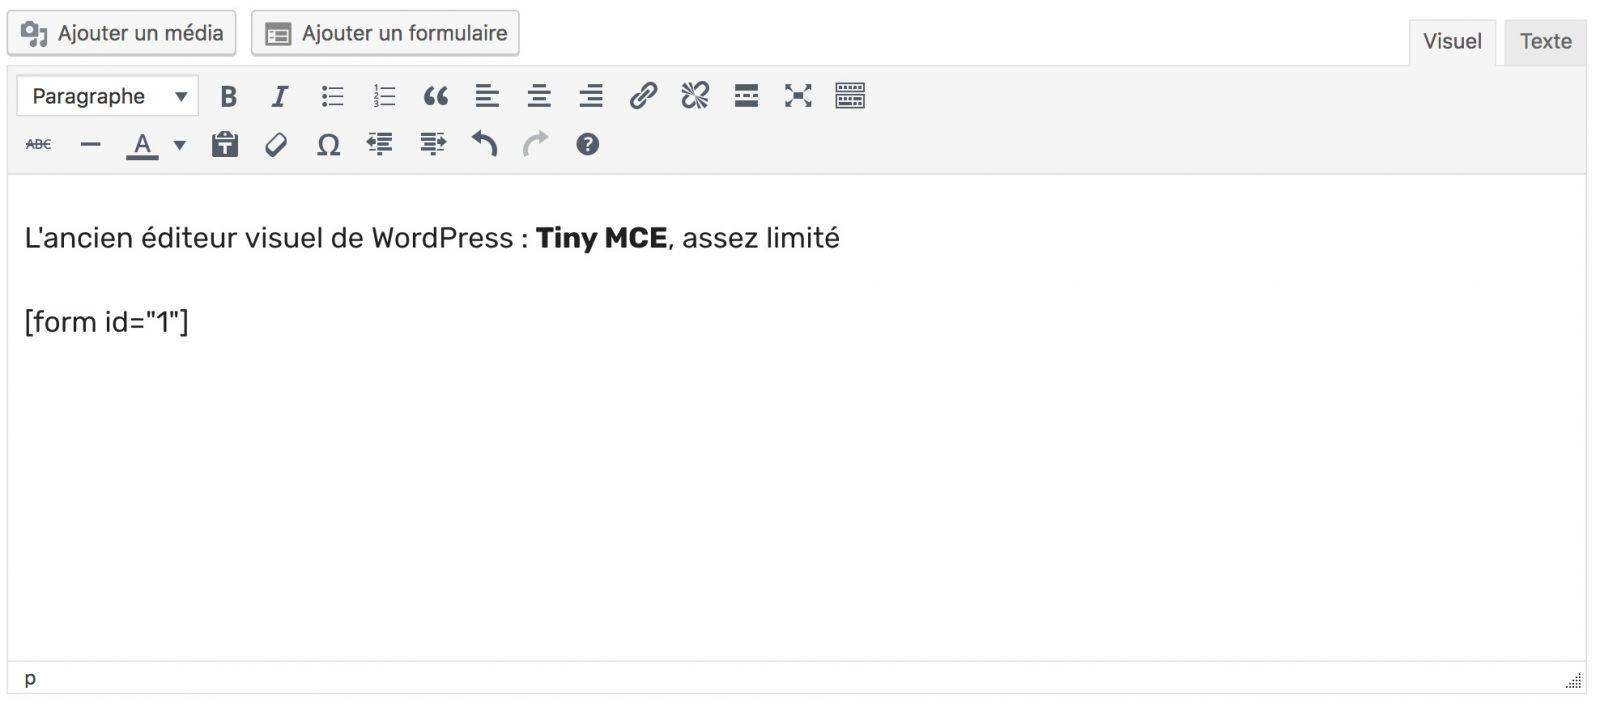 Tiny MCE, l'ancien éditeur de texte de WordPress